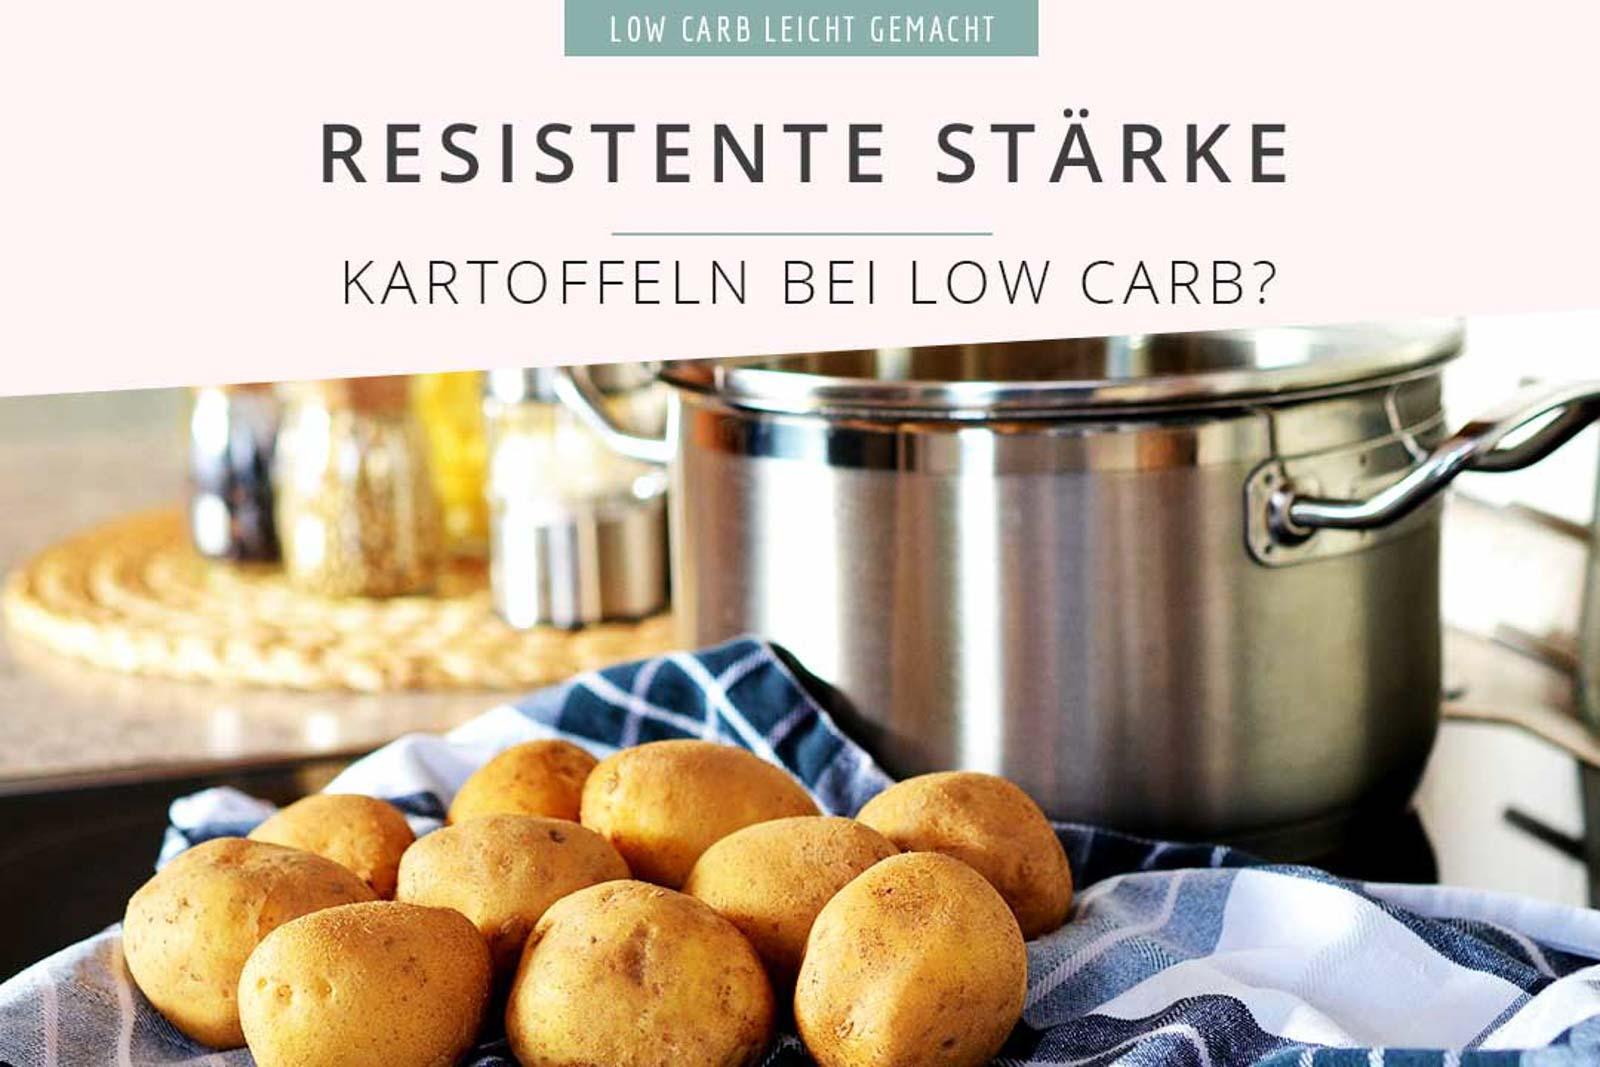 Resistente Stärke. Ist das wirklich ein Kohlenhydrat dass man nicht anrechnen muss? Kann ich bei Low Carb jetzt doch Kartoffeln und Reis essen? Wir haben uns das Thema resistente Stärke mal genauer angeschaut und den aktuellen wissenschaftlichen Stand dazu beleuchtet. #resistenteStaerke #LowCarbWissen #LowCarbErnaehrung #LowCarbKartoffeln #RS3 #resistenteStärkeTyp3 #Ballaststoffe #Darmgesundheit #gesundfürdenDarm #gesundeErnaehrung